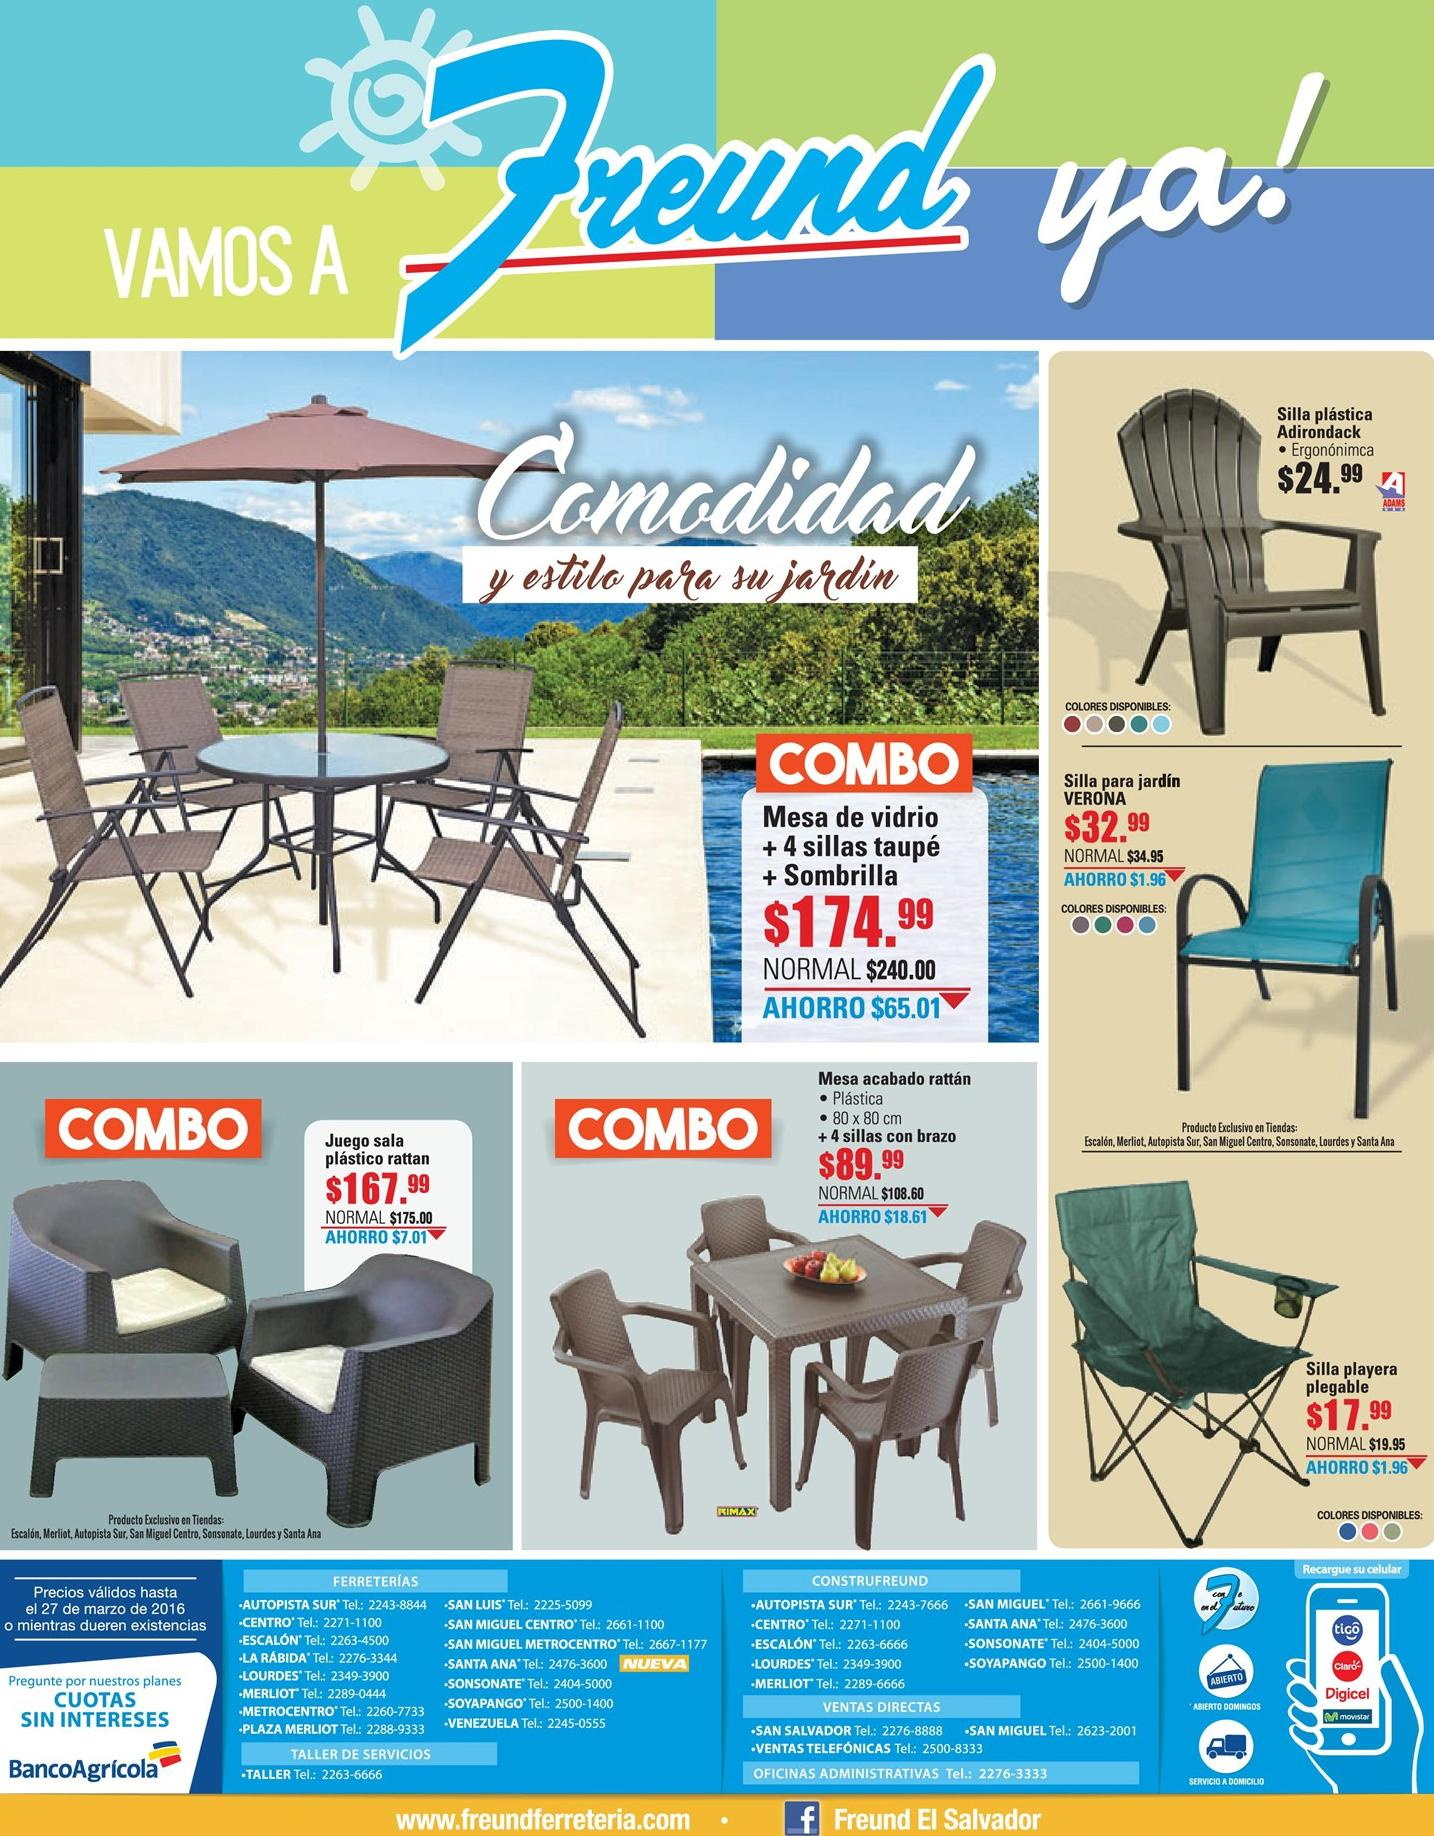 COMBOS de muebles de jardin FREUND vacaciones - 18mar16 - Ofertas Ahora